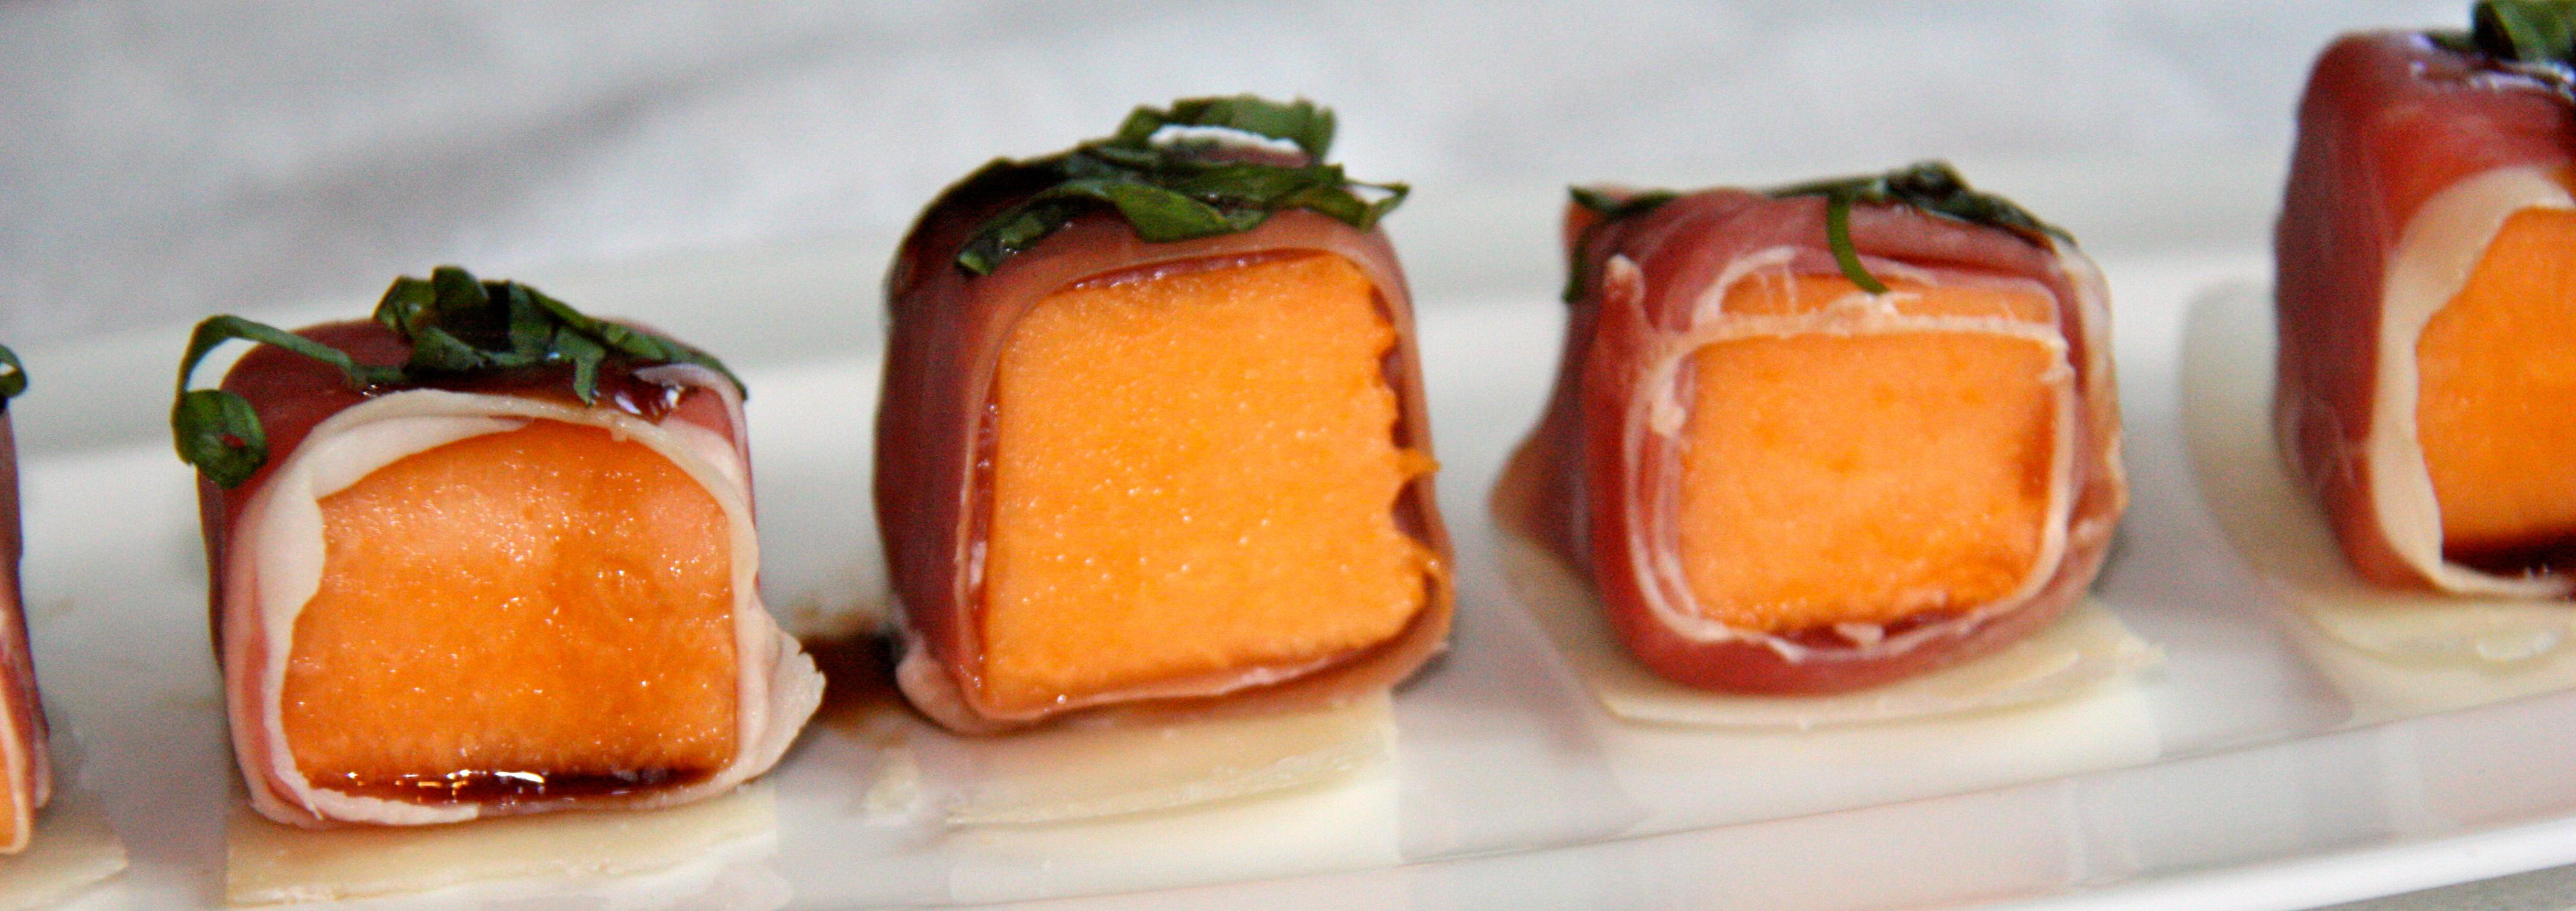 Melon & Prosciutto Bites